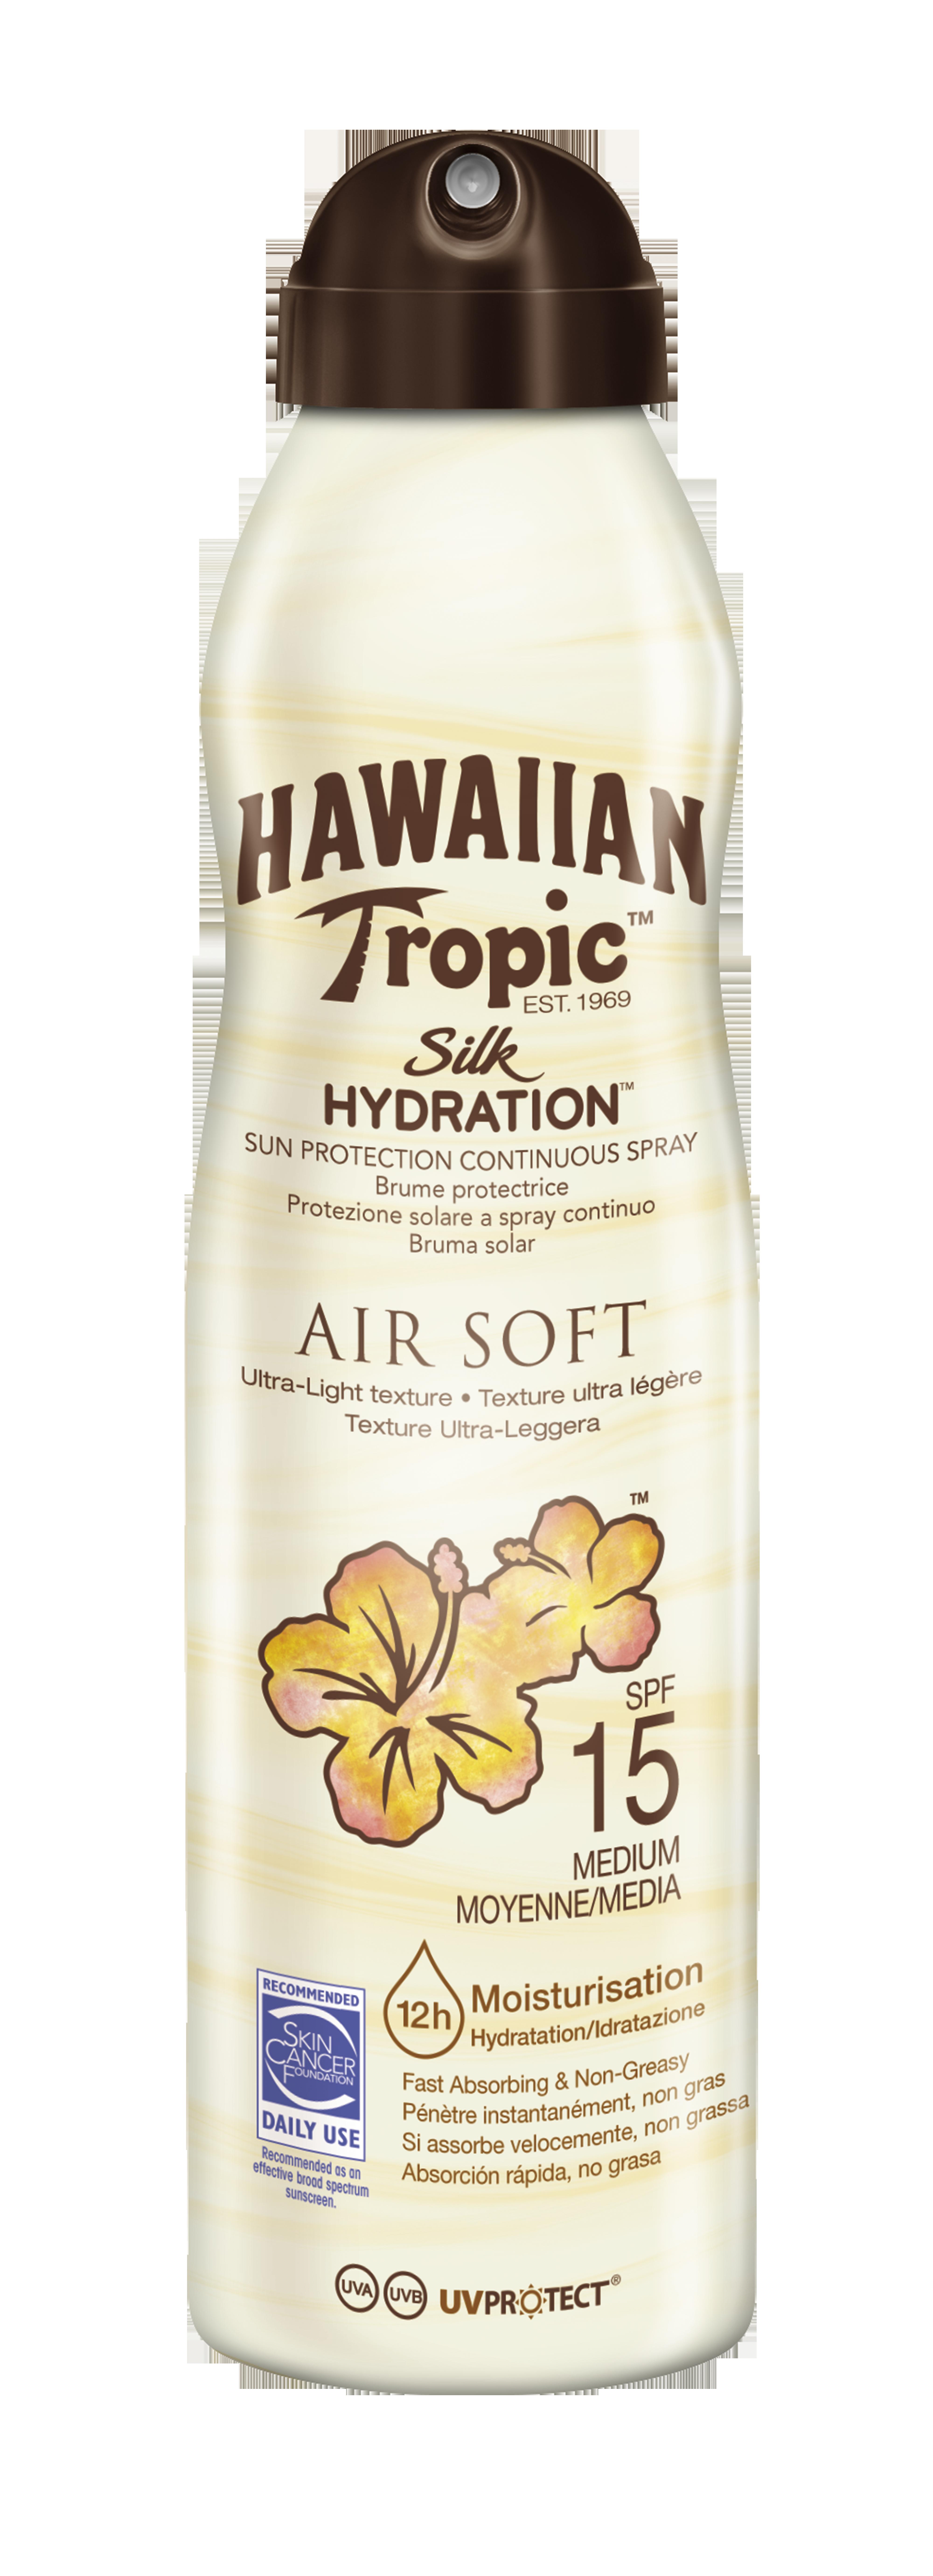 Silk Hydration Air Soft C-Spray Lotion SPF 15